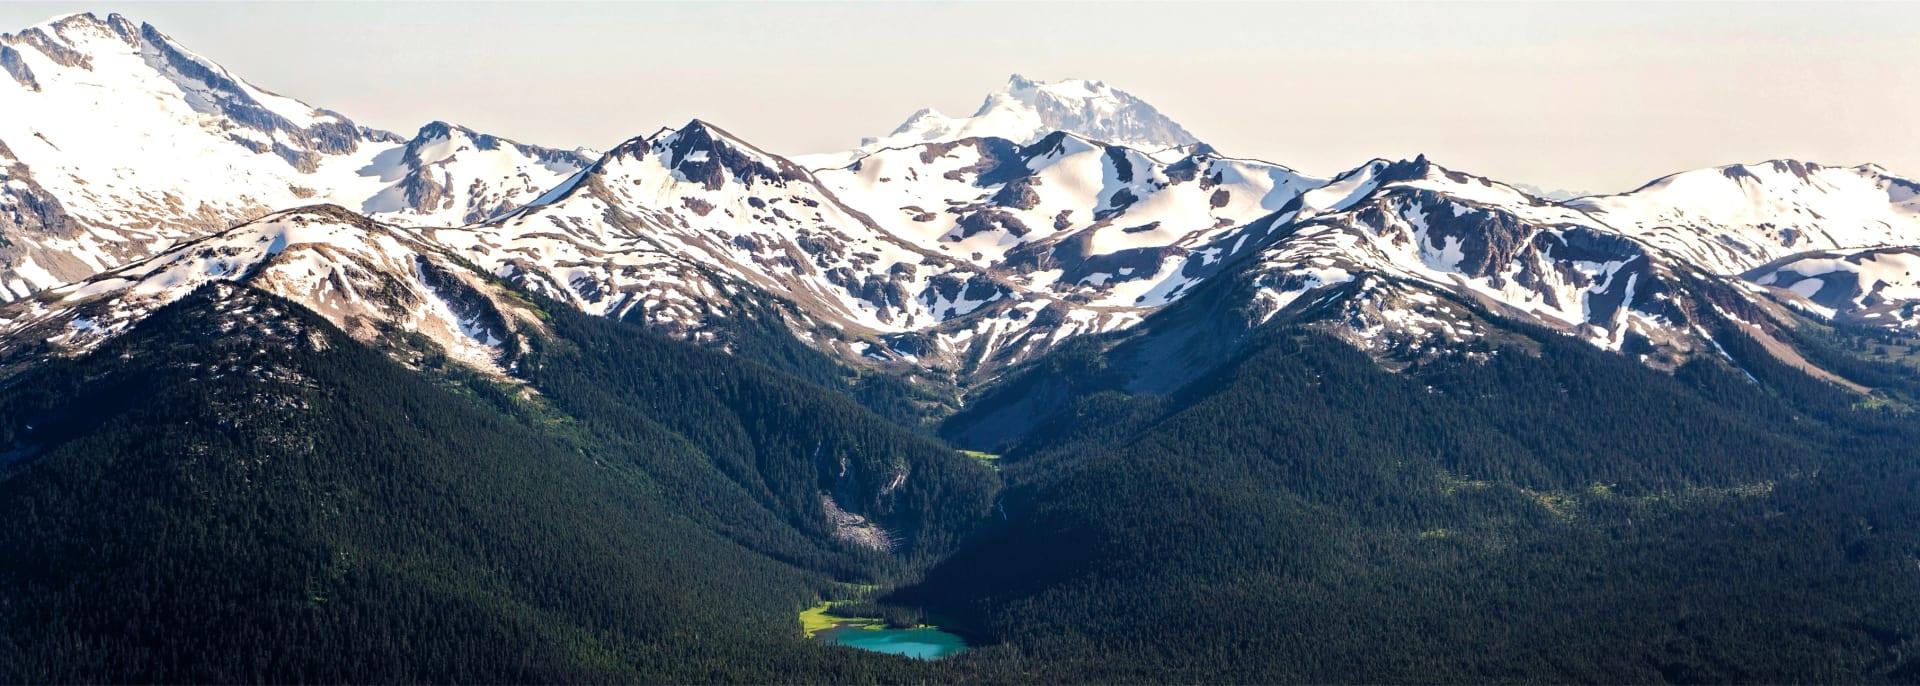 Top of mountain, Whistler, Canada